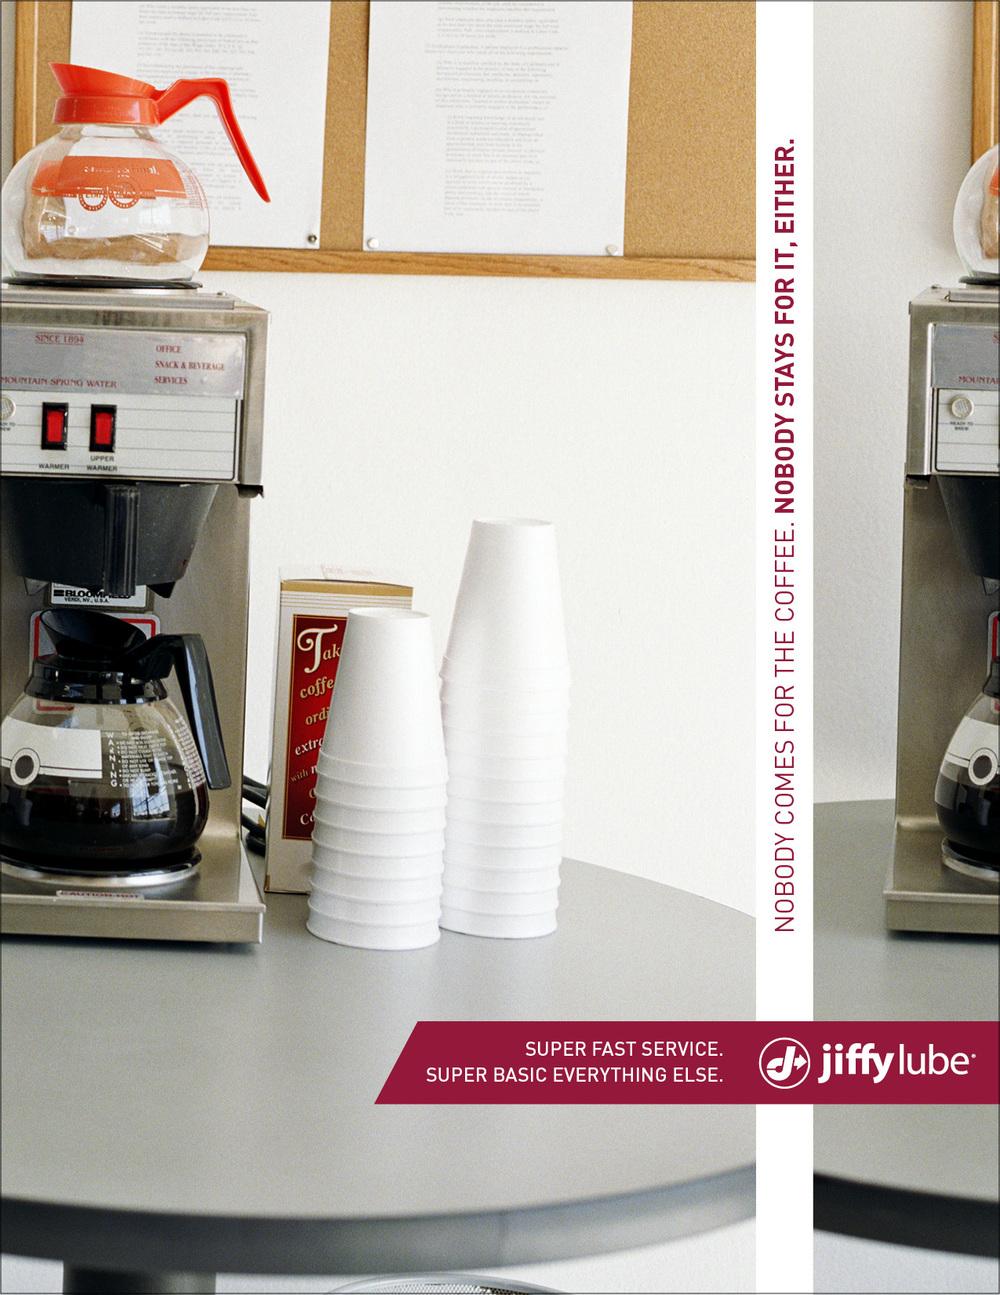 JiffyLube-Print-Line3_1275.jpg